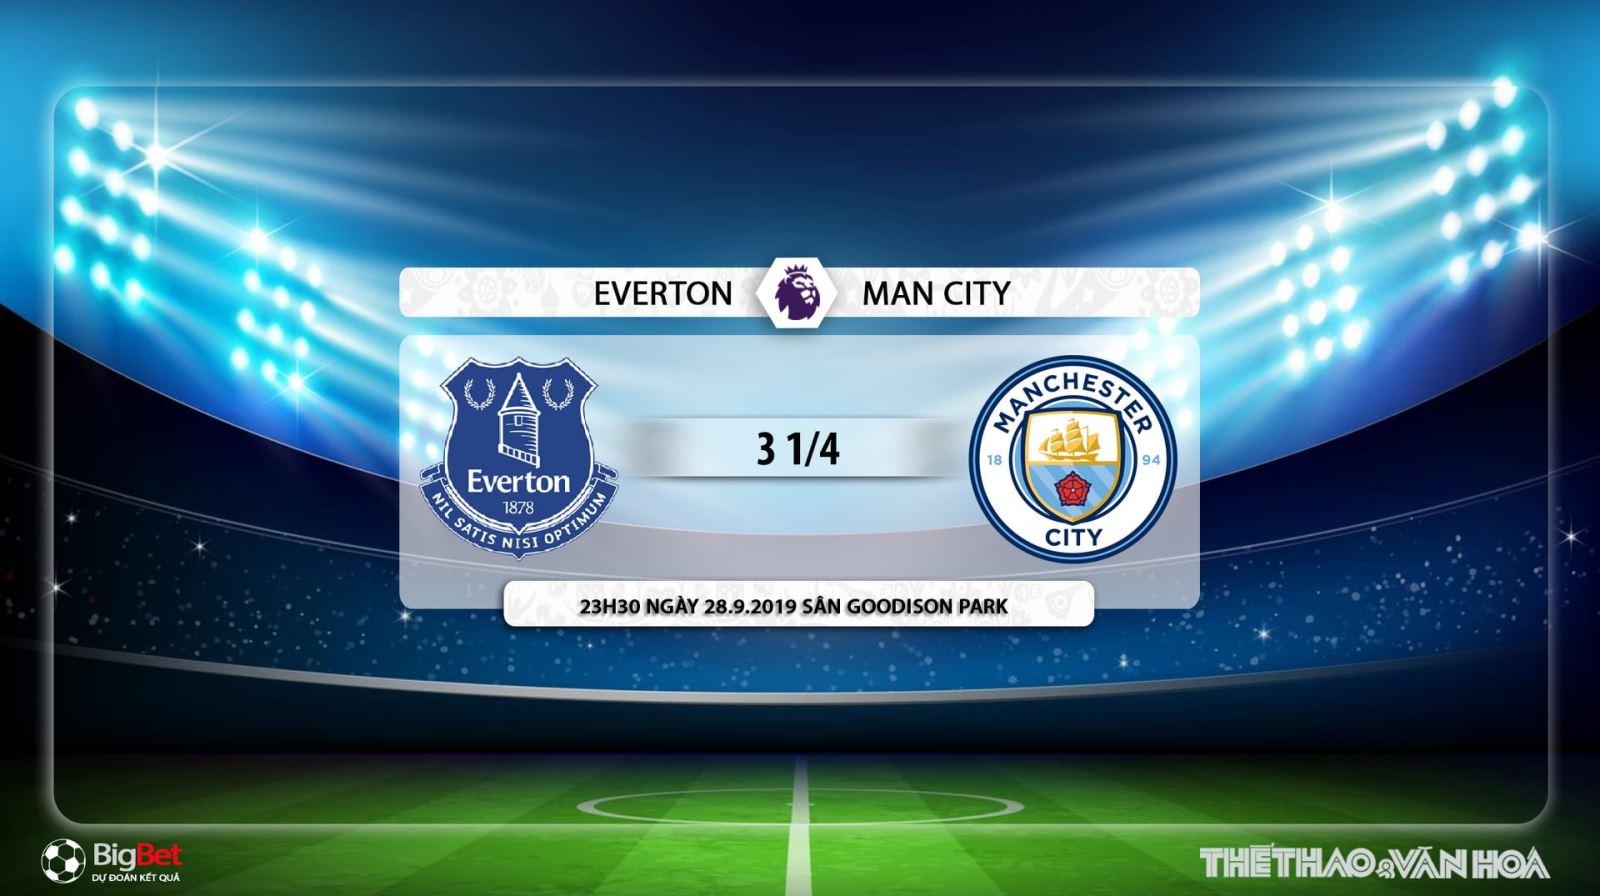 soi kèo bóng đá,Everton đấu với Man City, truc tiep bong da hôm nay, everton vs man city, trực tiếp bóng đá, K+, K+PM, K+PC, everton, man city, xem bóng đá trực tuyến